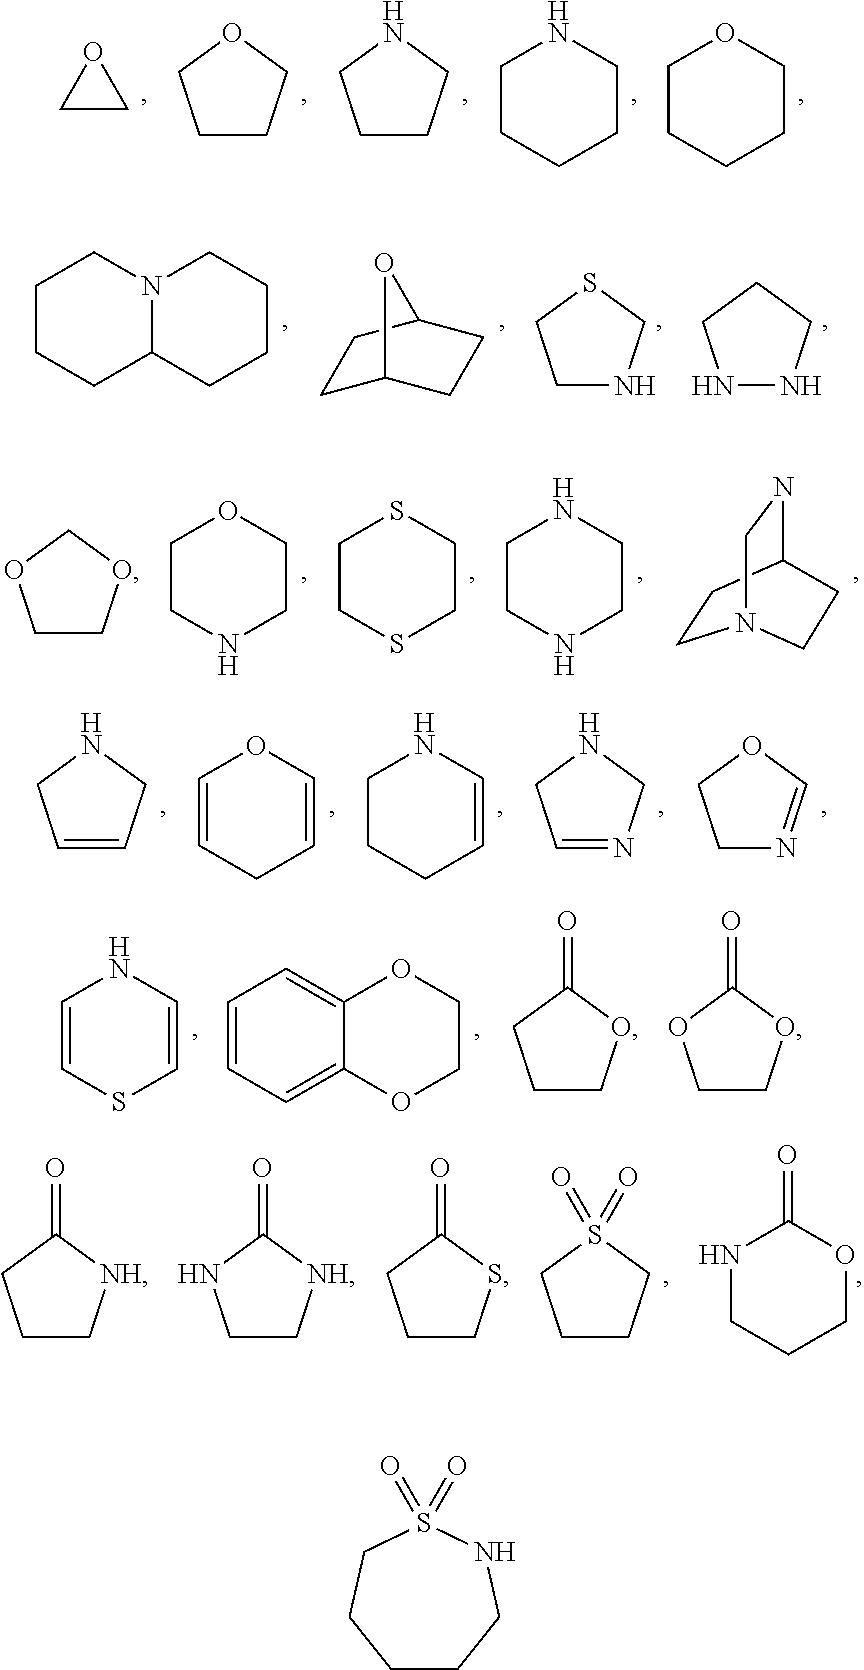 Figure US08283369-20121009-C00017